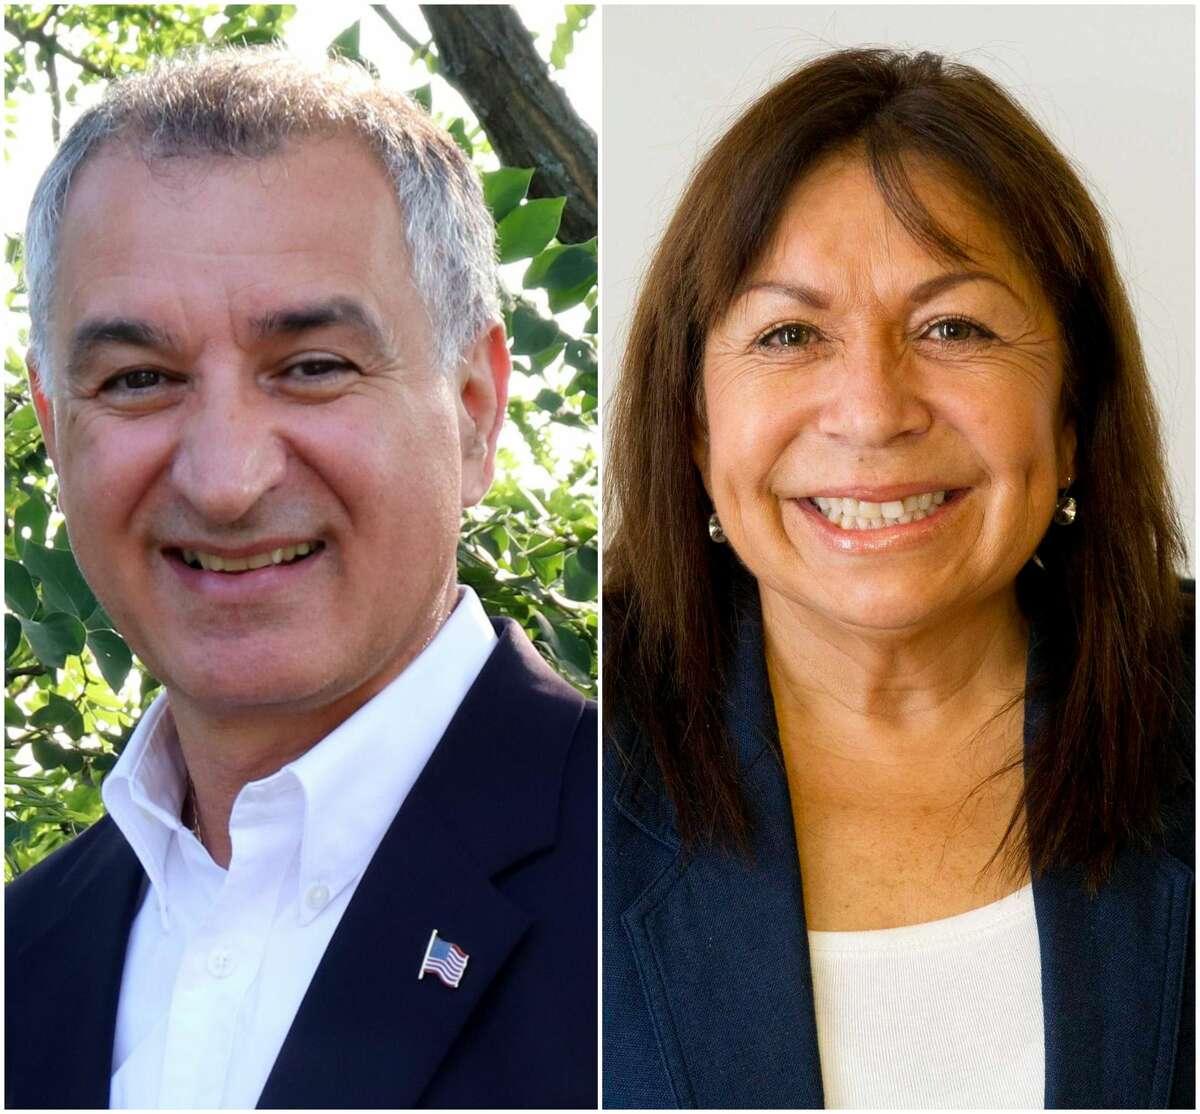 Carlo Leone (left) and Eva Maldanado (right)